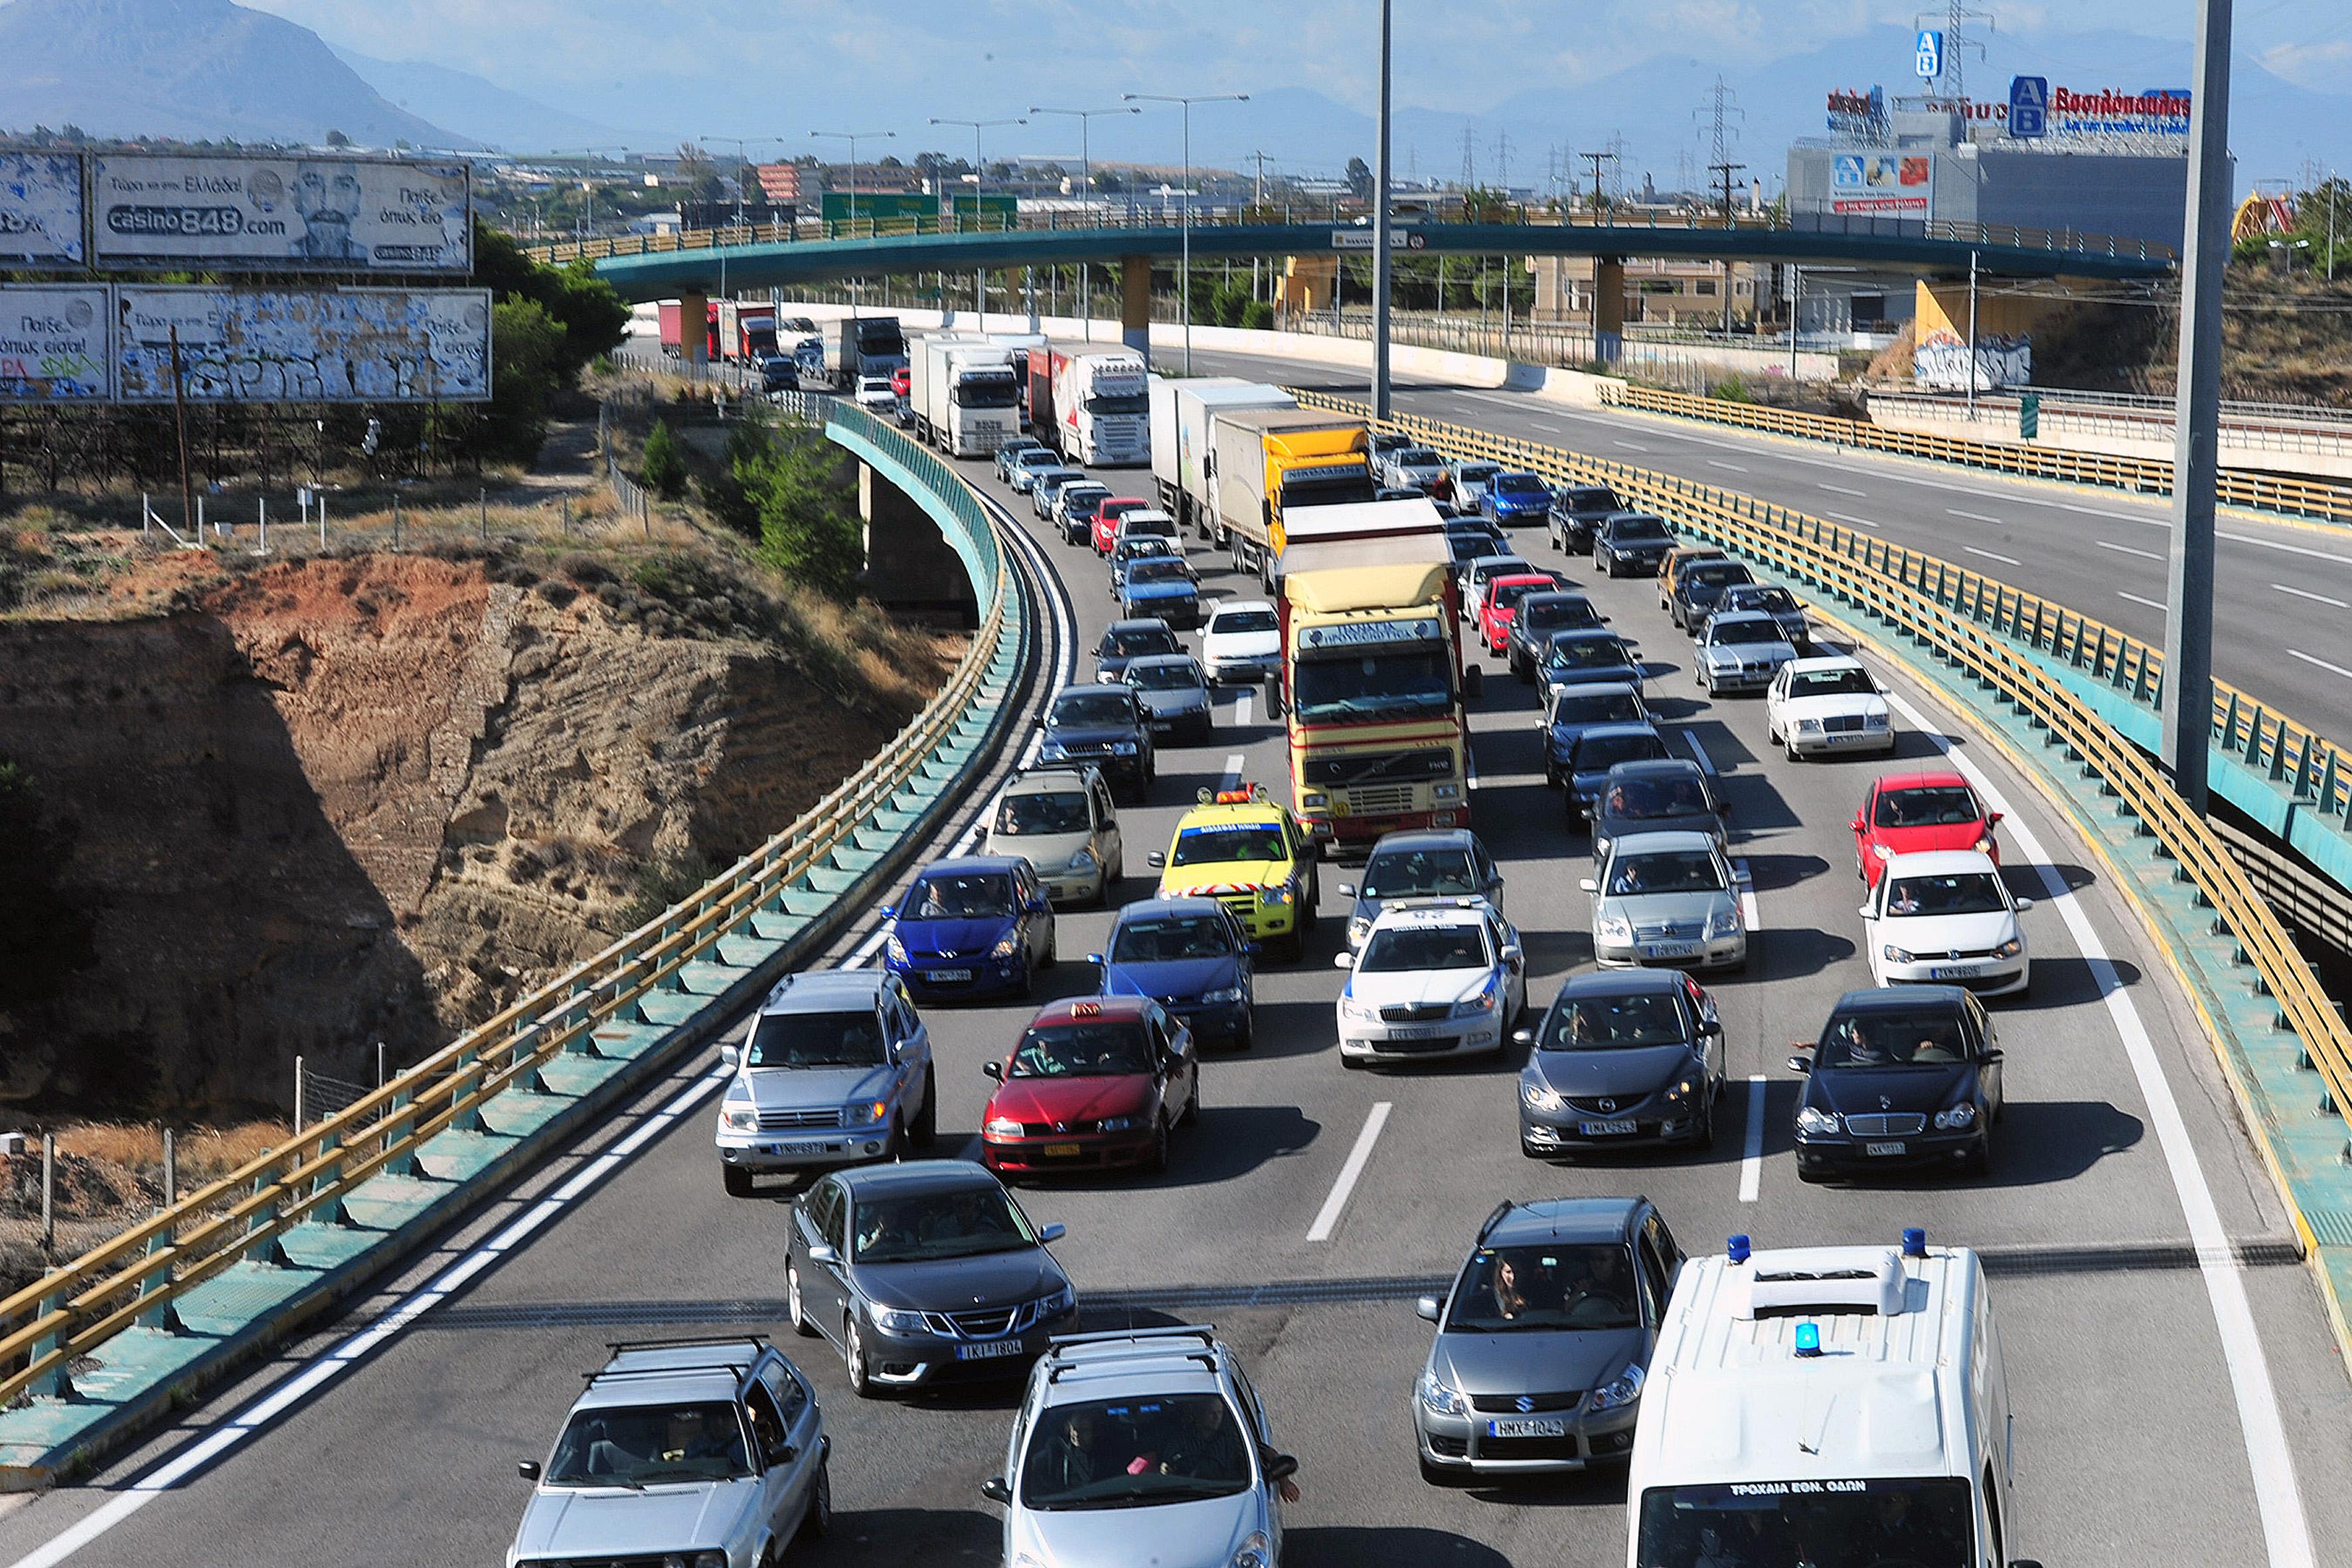 Ως το τέλος του 2014 τα κίνητρα απόσυρσης παλαιών οχημάτων | tovima.gr